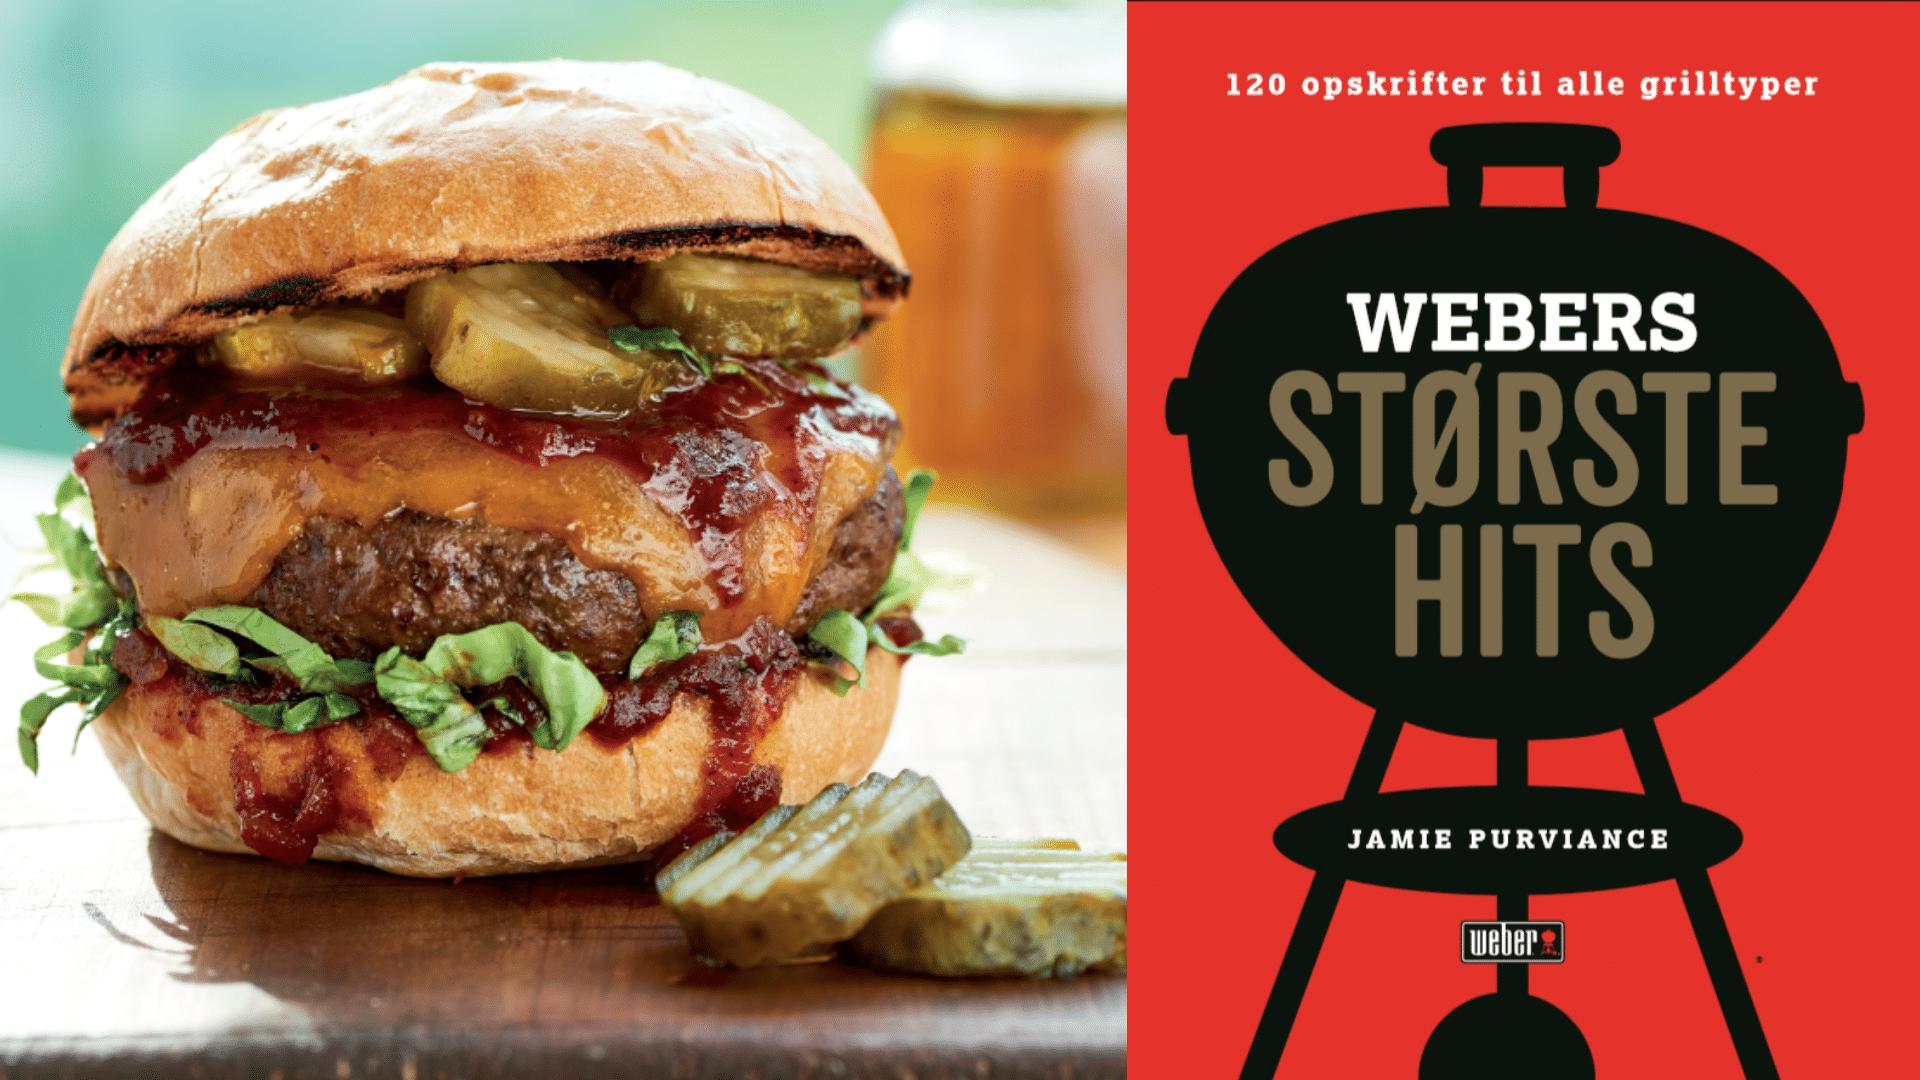 Texasburgere fra Webers Største Hits